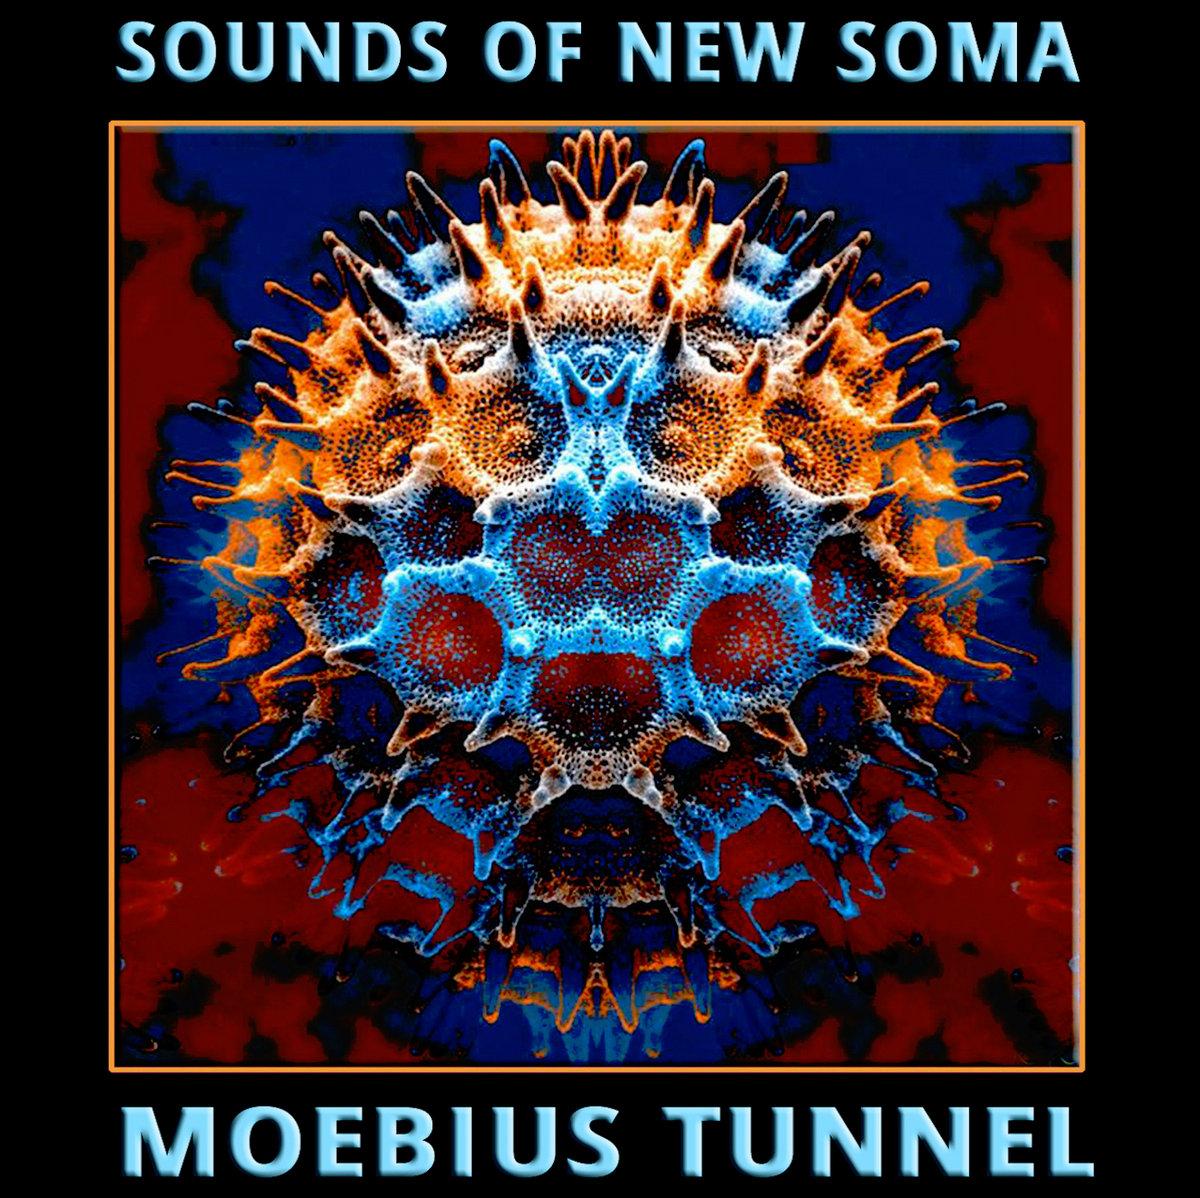 Αποτέλεσμα εικόνας για SOUNDS OF NEW SOMA Moebius Tunnel